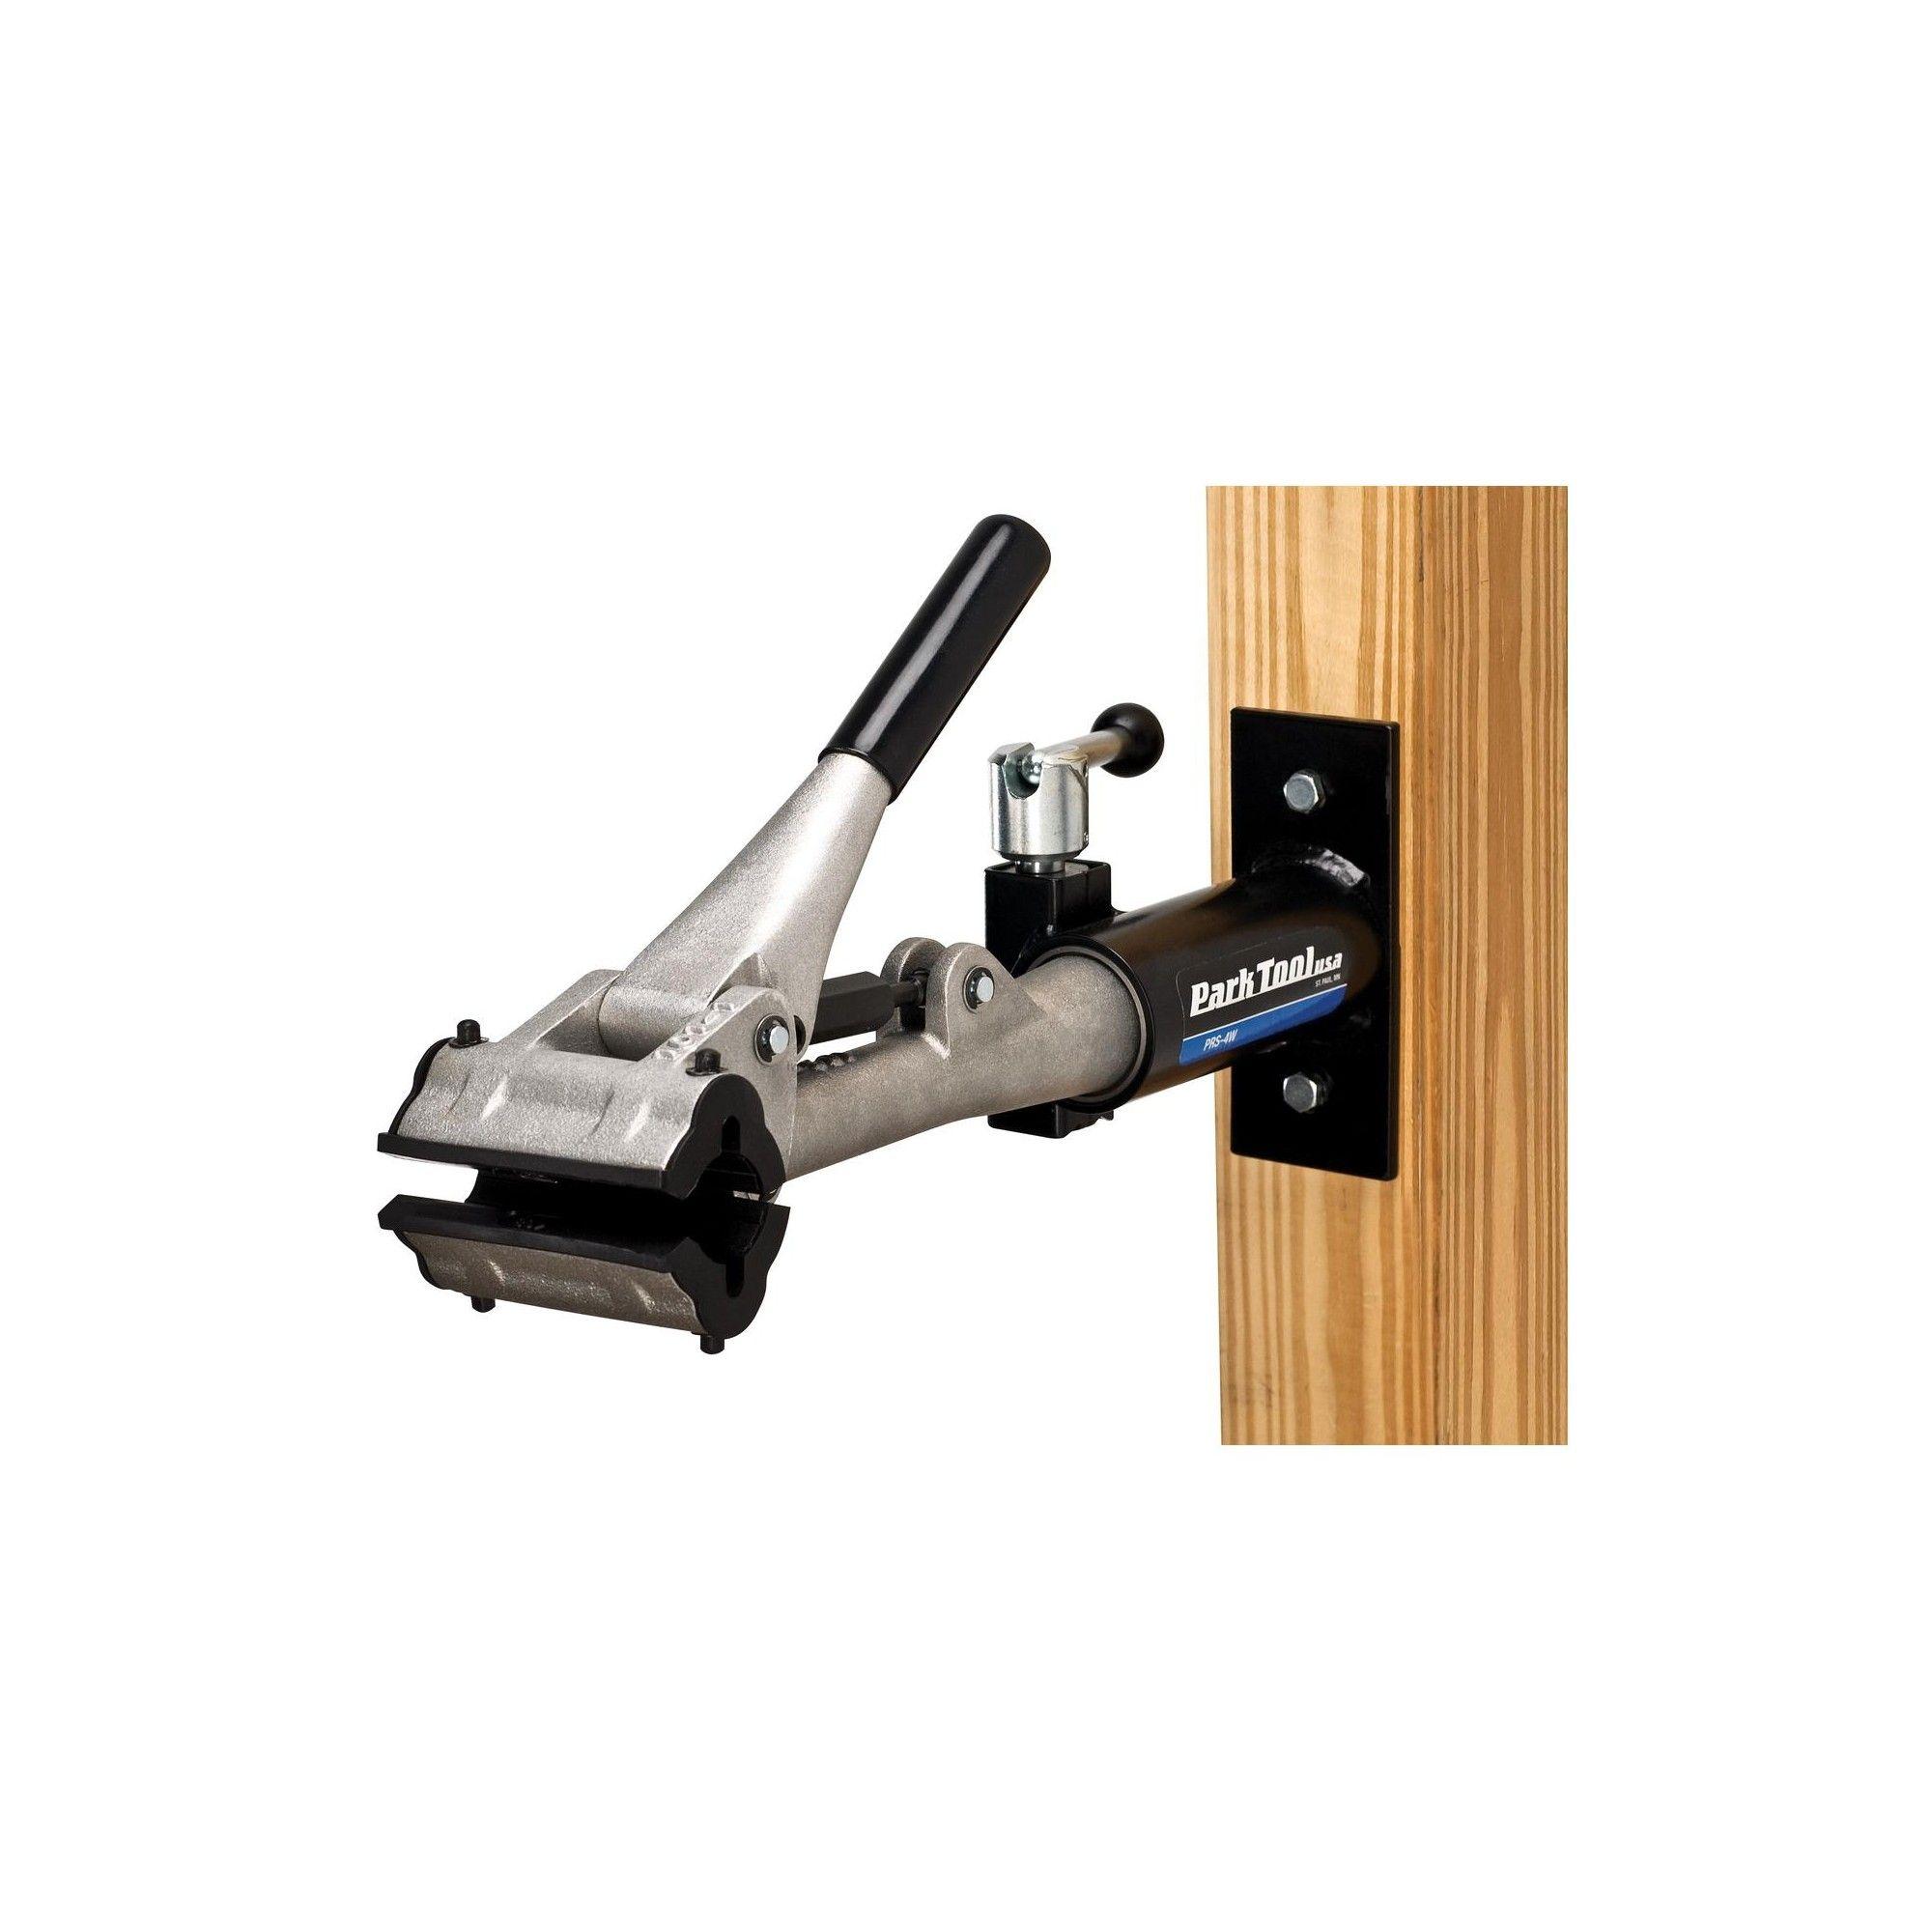 Park Tool PRS-4W-1-Deluxe Wall Mount Repair Stand-Bike Repair Clamp-New